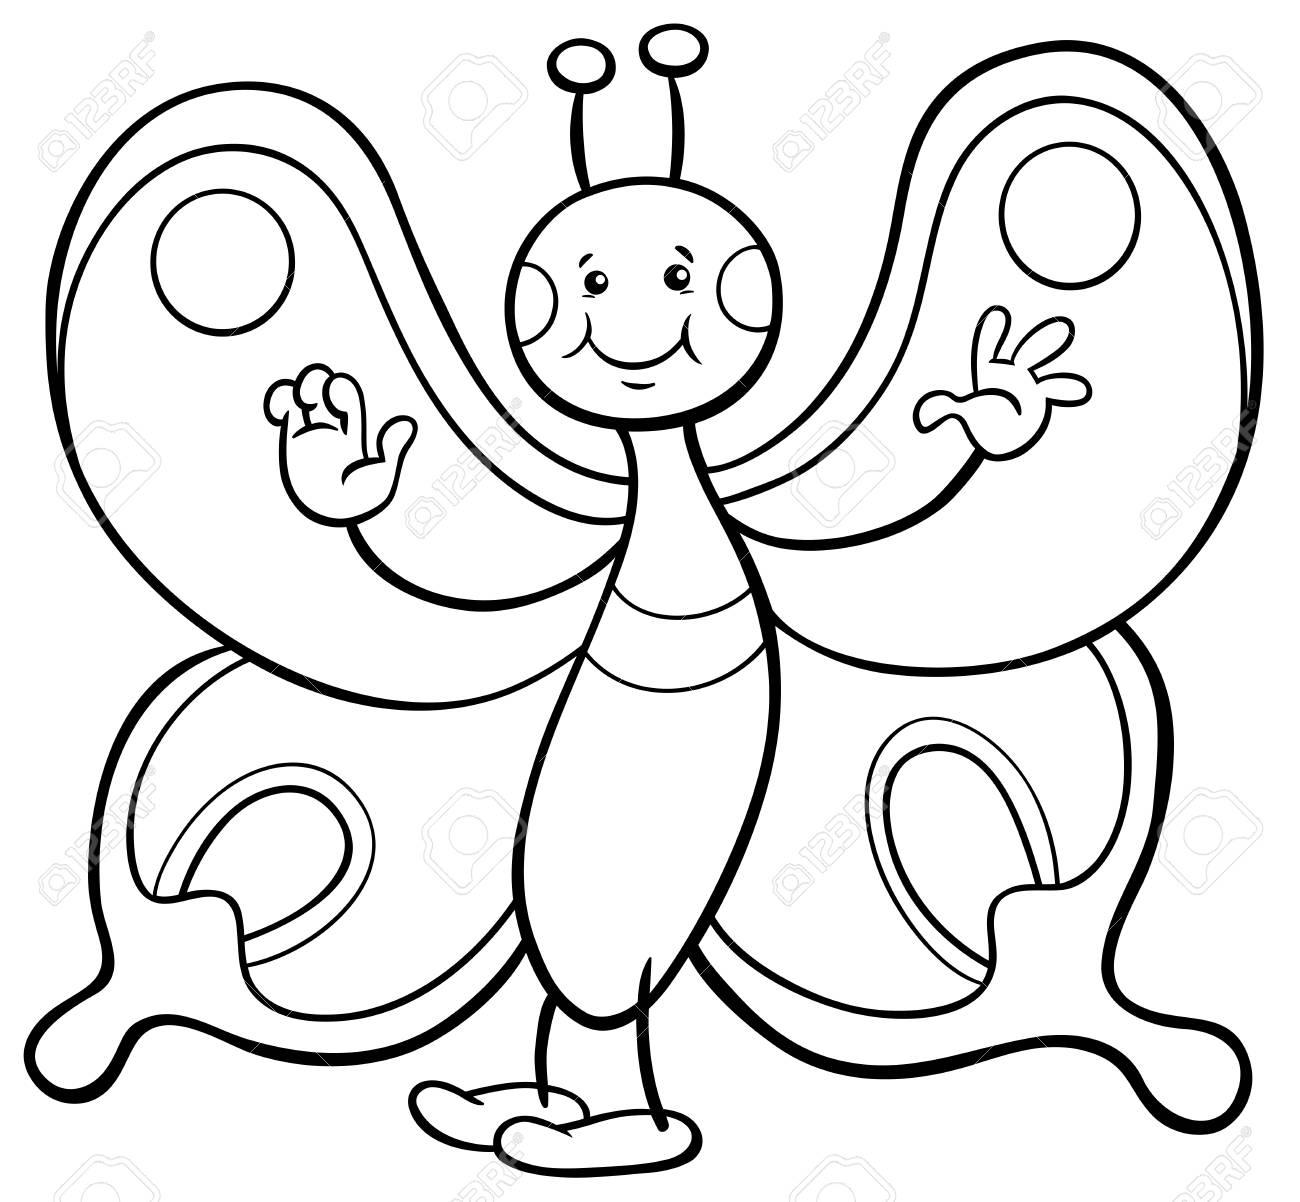 Ilustración De Dibujos Animados Blanco Y Negro De Mariposa Insecto ...